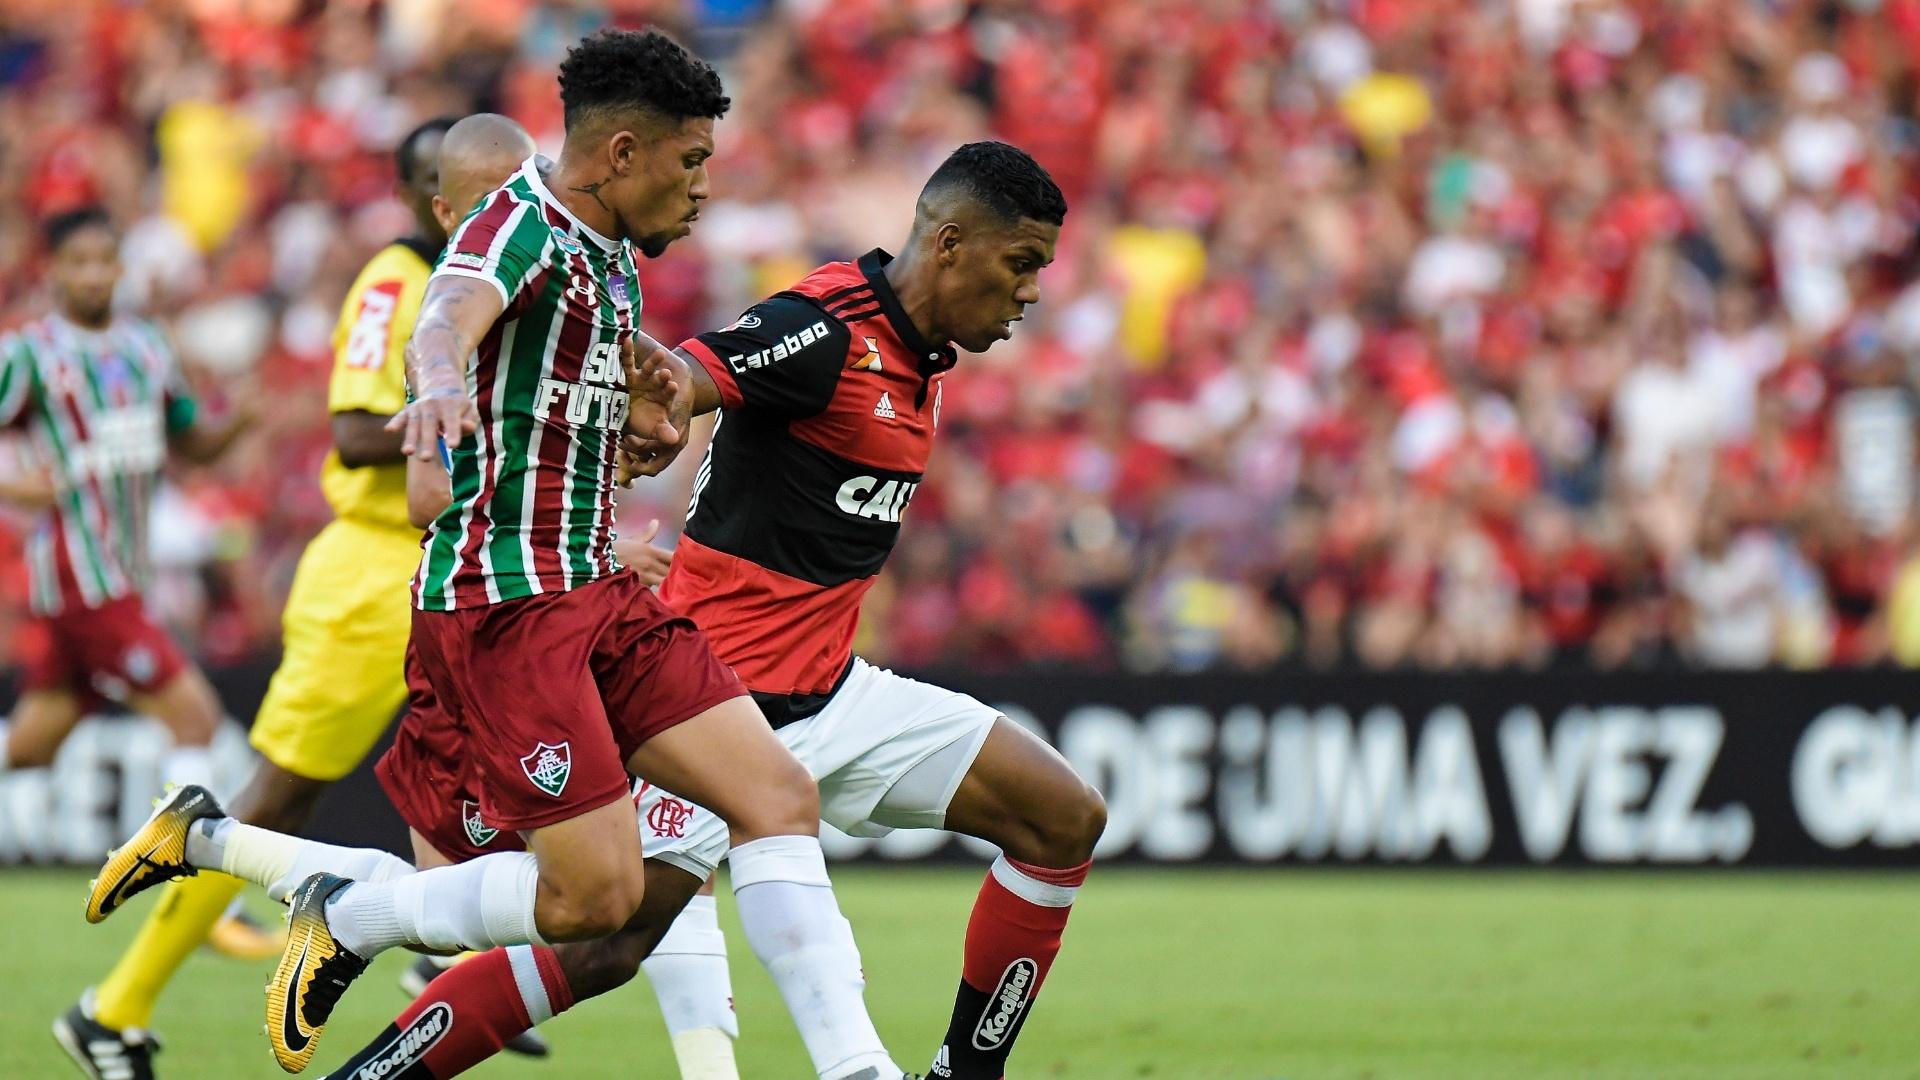 Douglas e Berrío disputam a bola no clássico entre Flamengo e Fluminense